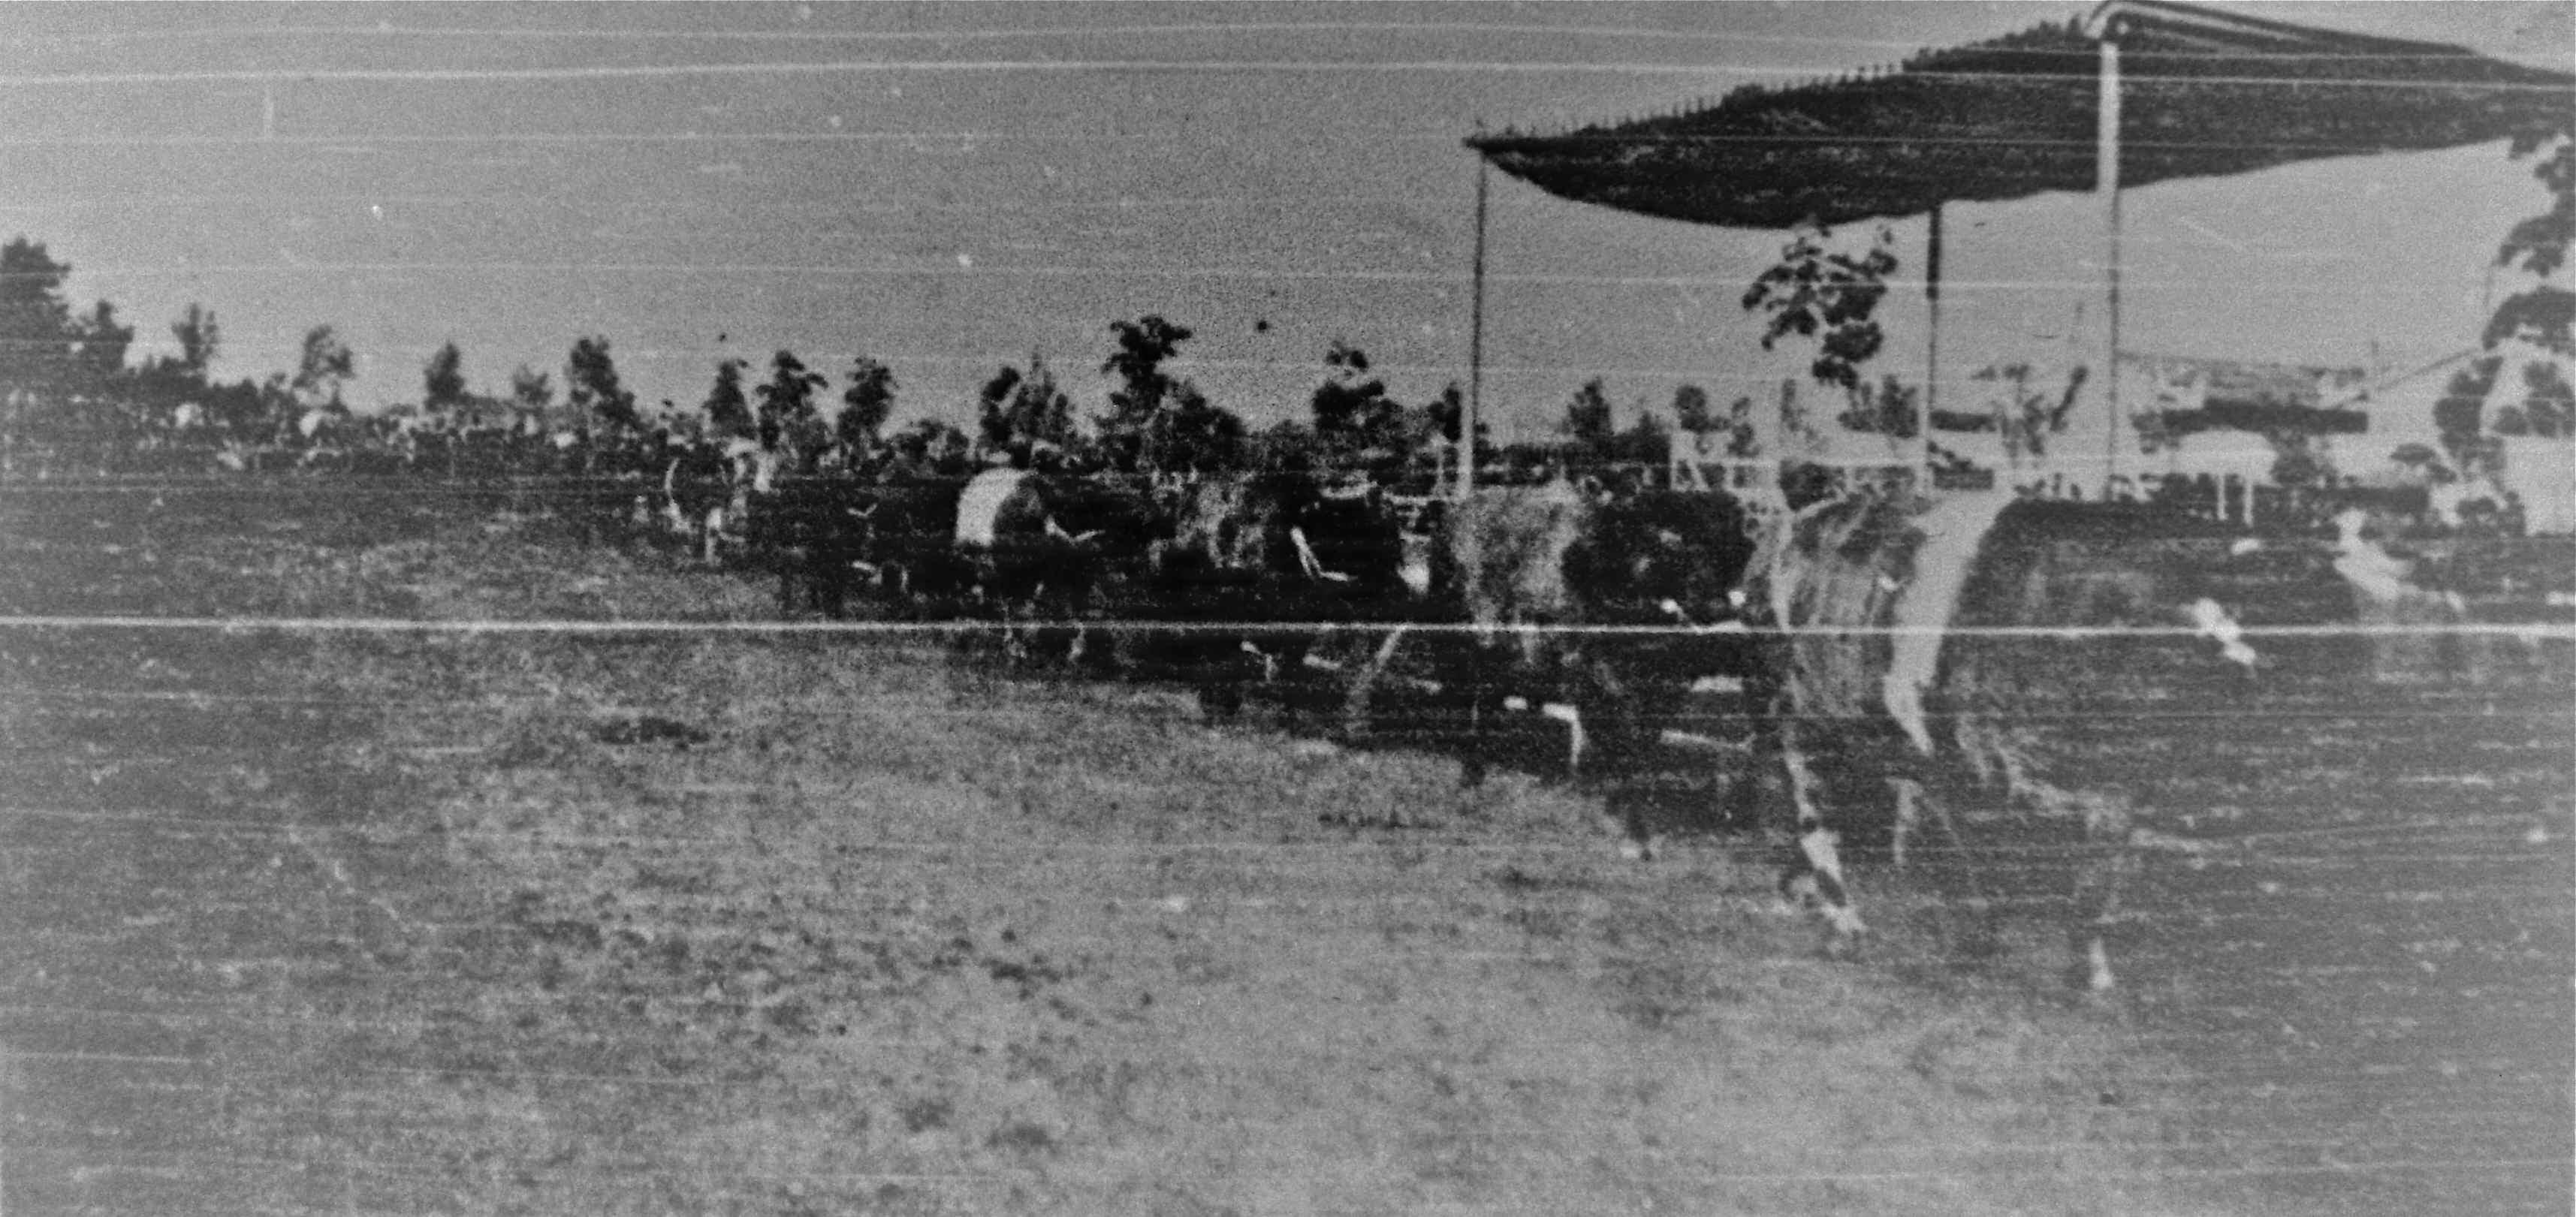 1907-11-17_ZigZagStgo; EsposicionAnimales (6foto003)_16032013.jpg